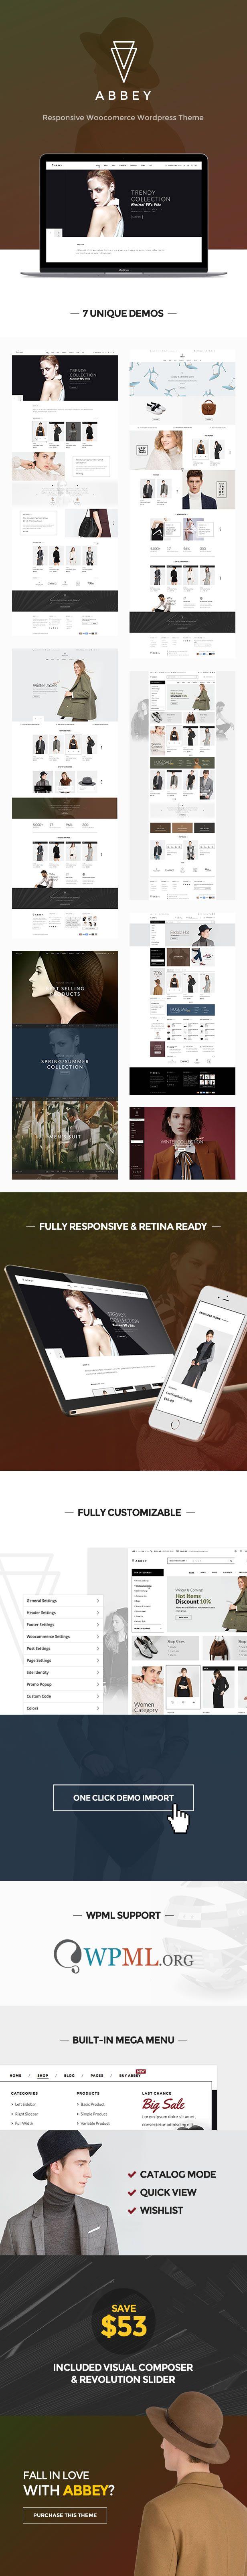 Abbey - Responsive Fashion WordPress Theme